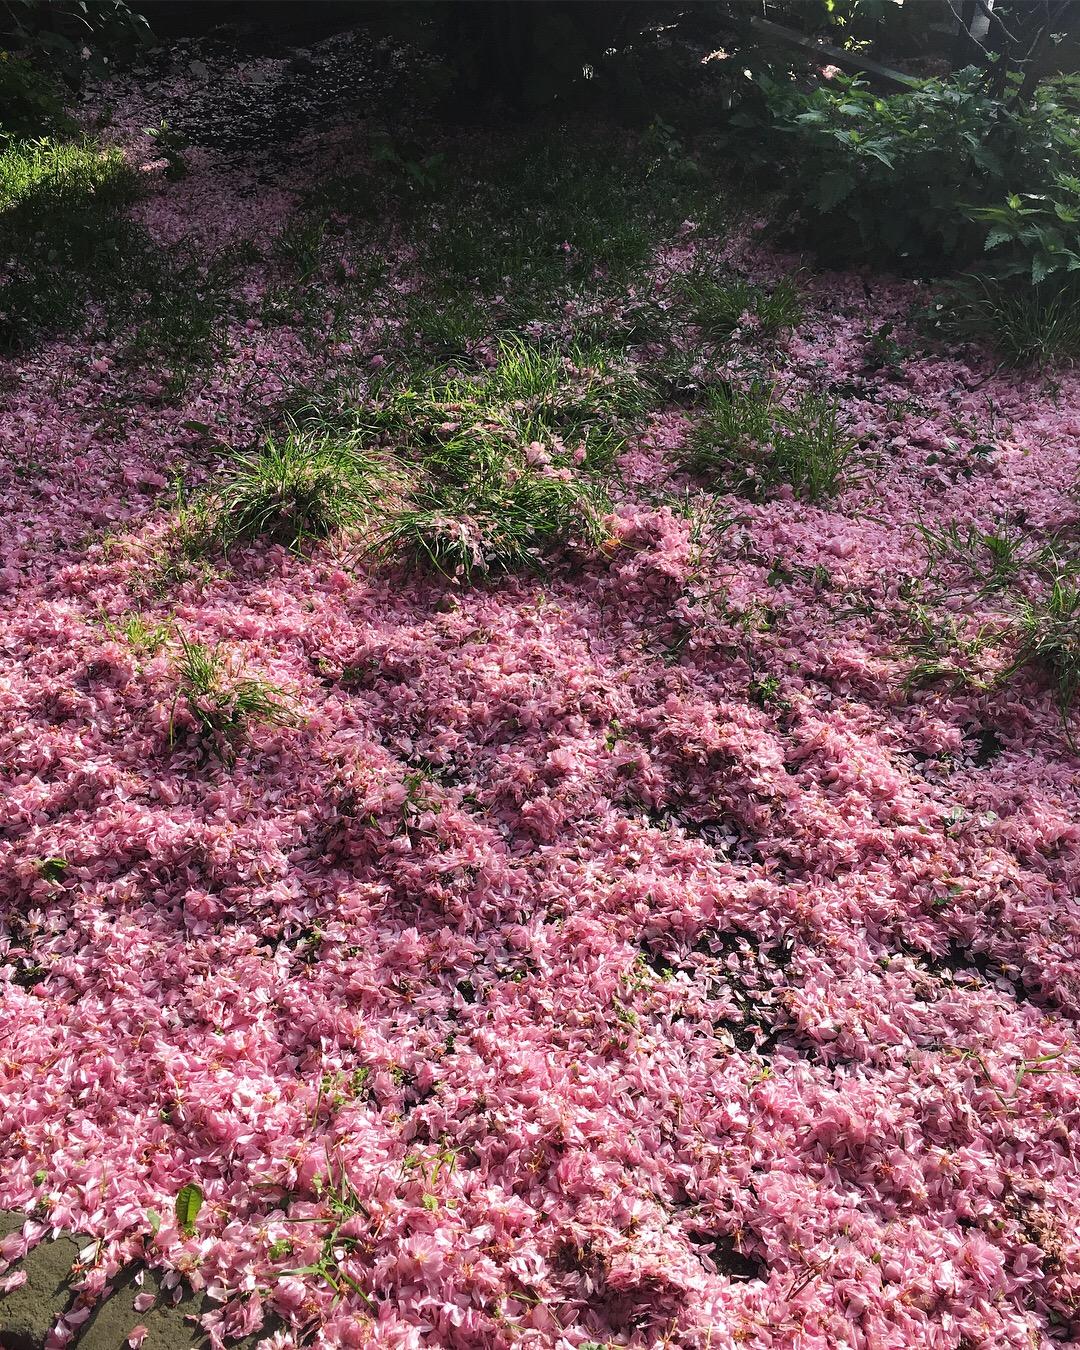 On the corner of Adalberstraße x Waldemarstraße, there is always a week of pink dust. Hope you'll see it in bloom!